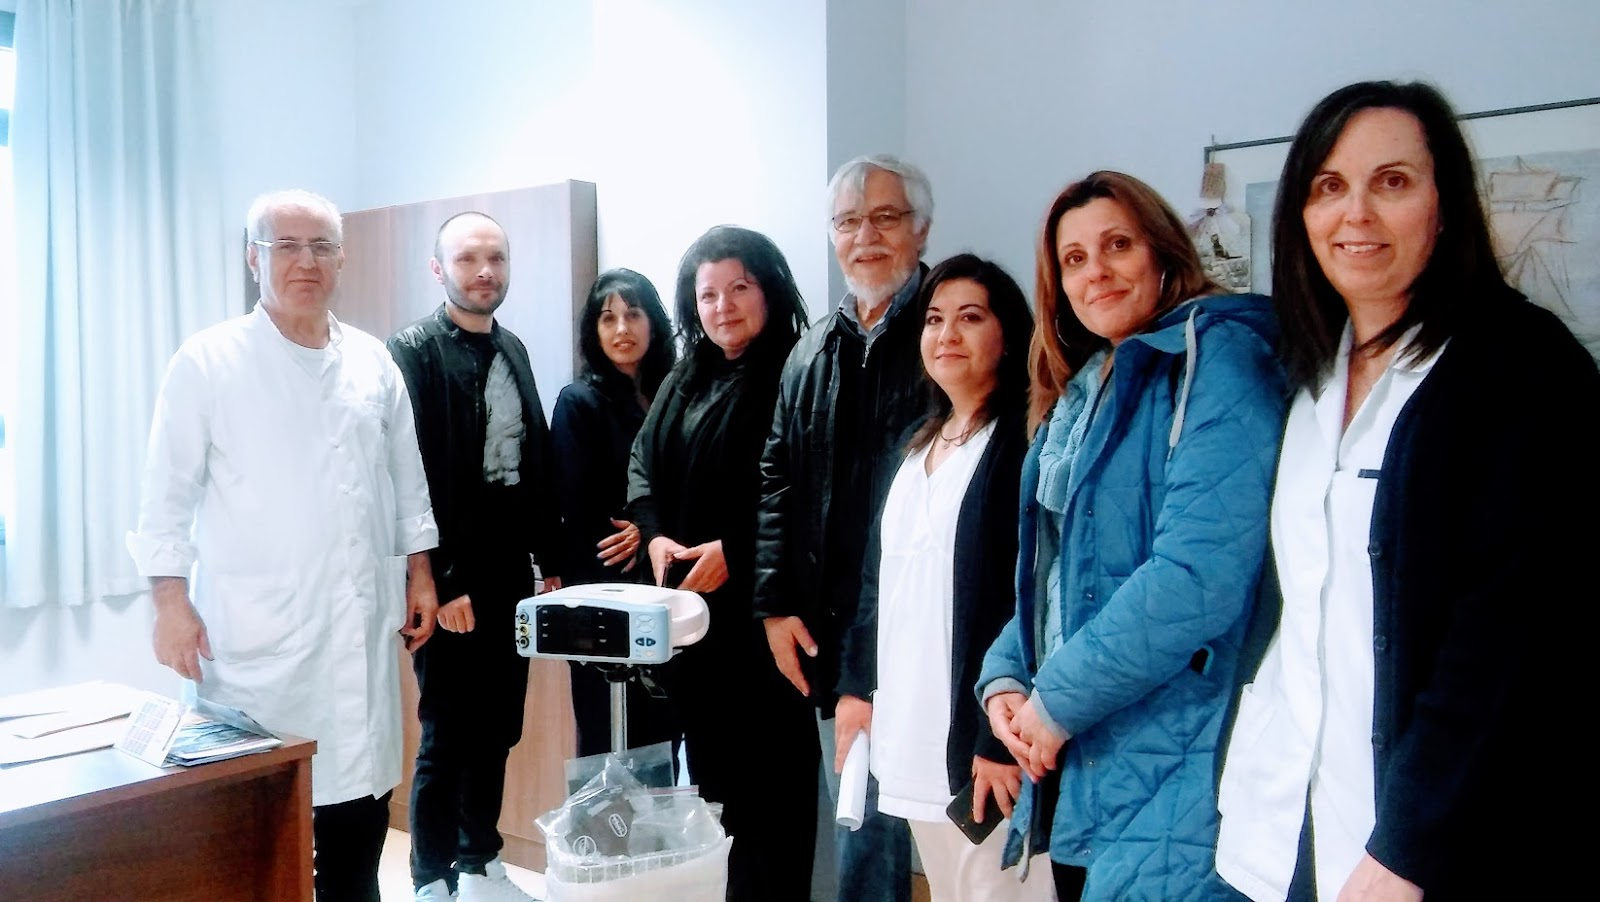 Παράδοση δωρεάς του ΣΚΕΤΧ στο Γενικό Νοσοκομείο Χαλκιδικής, απο την εκδήλωση μνήμης του Δημήτρη Πετρίδη